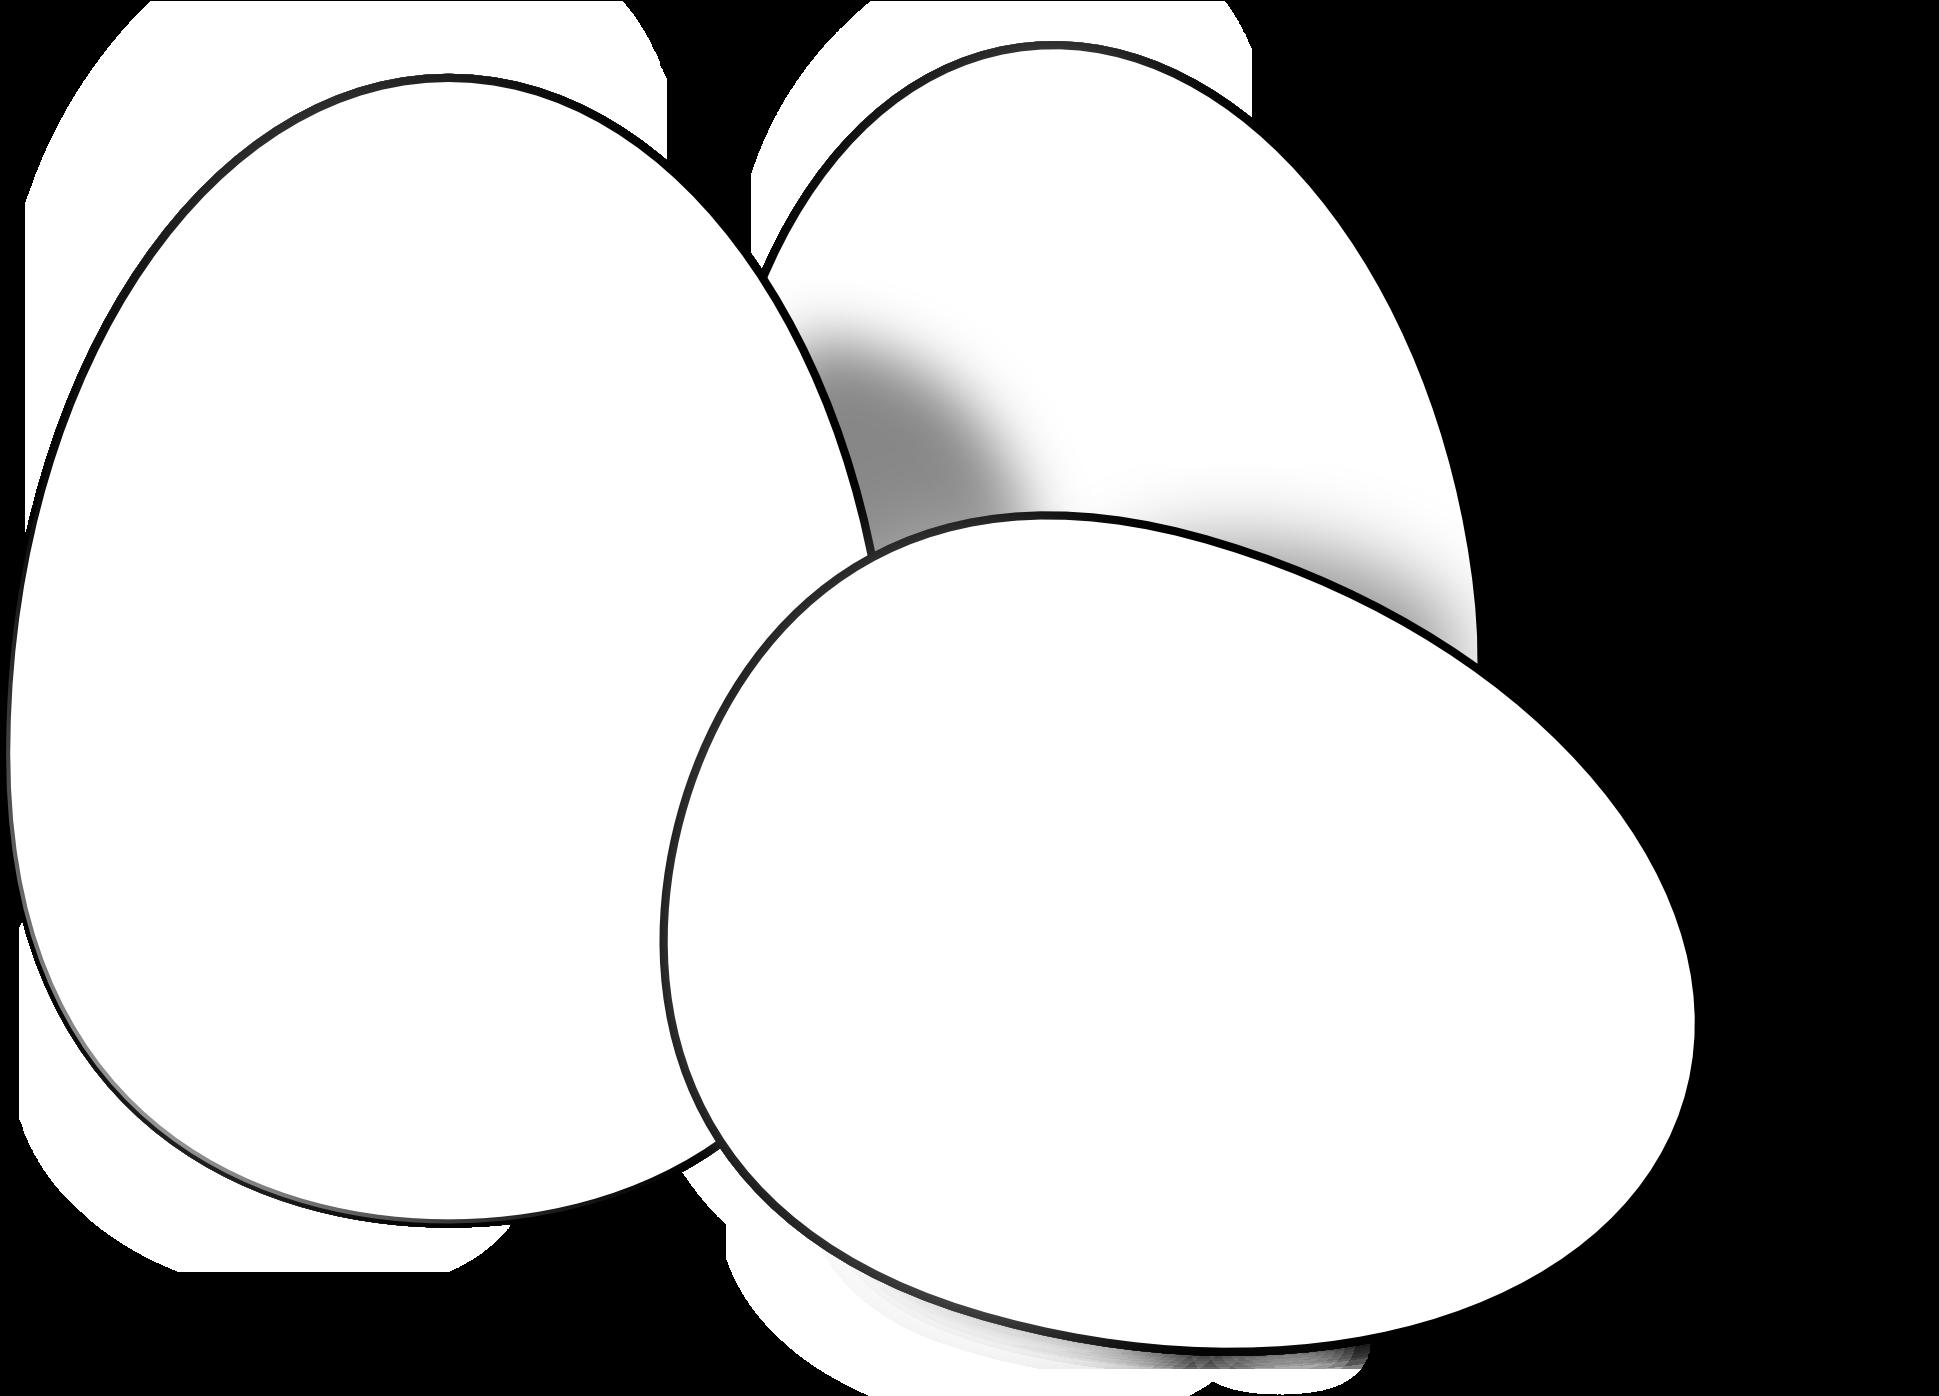 Clip Art: Basic Words: Eggs Color Unlabeled I abcteach.com | abcteach